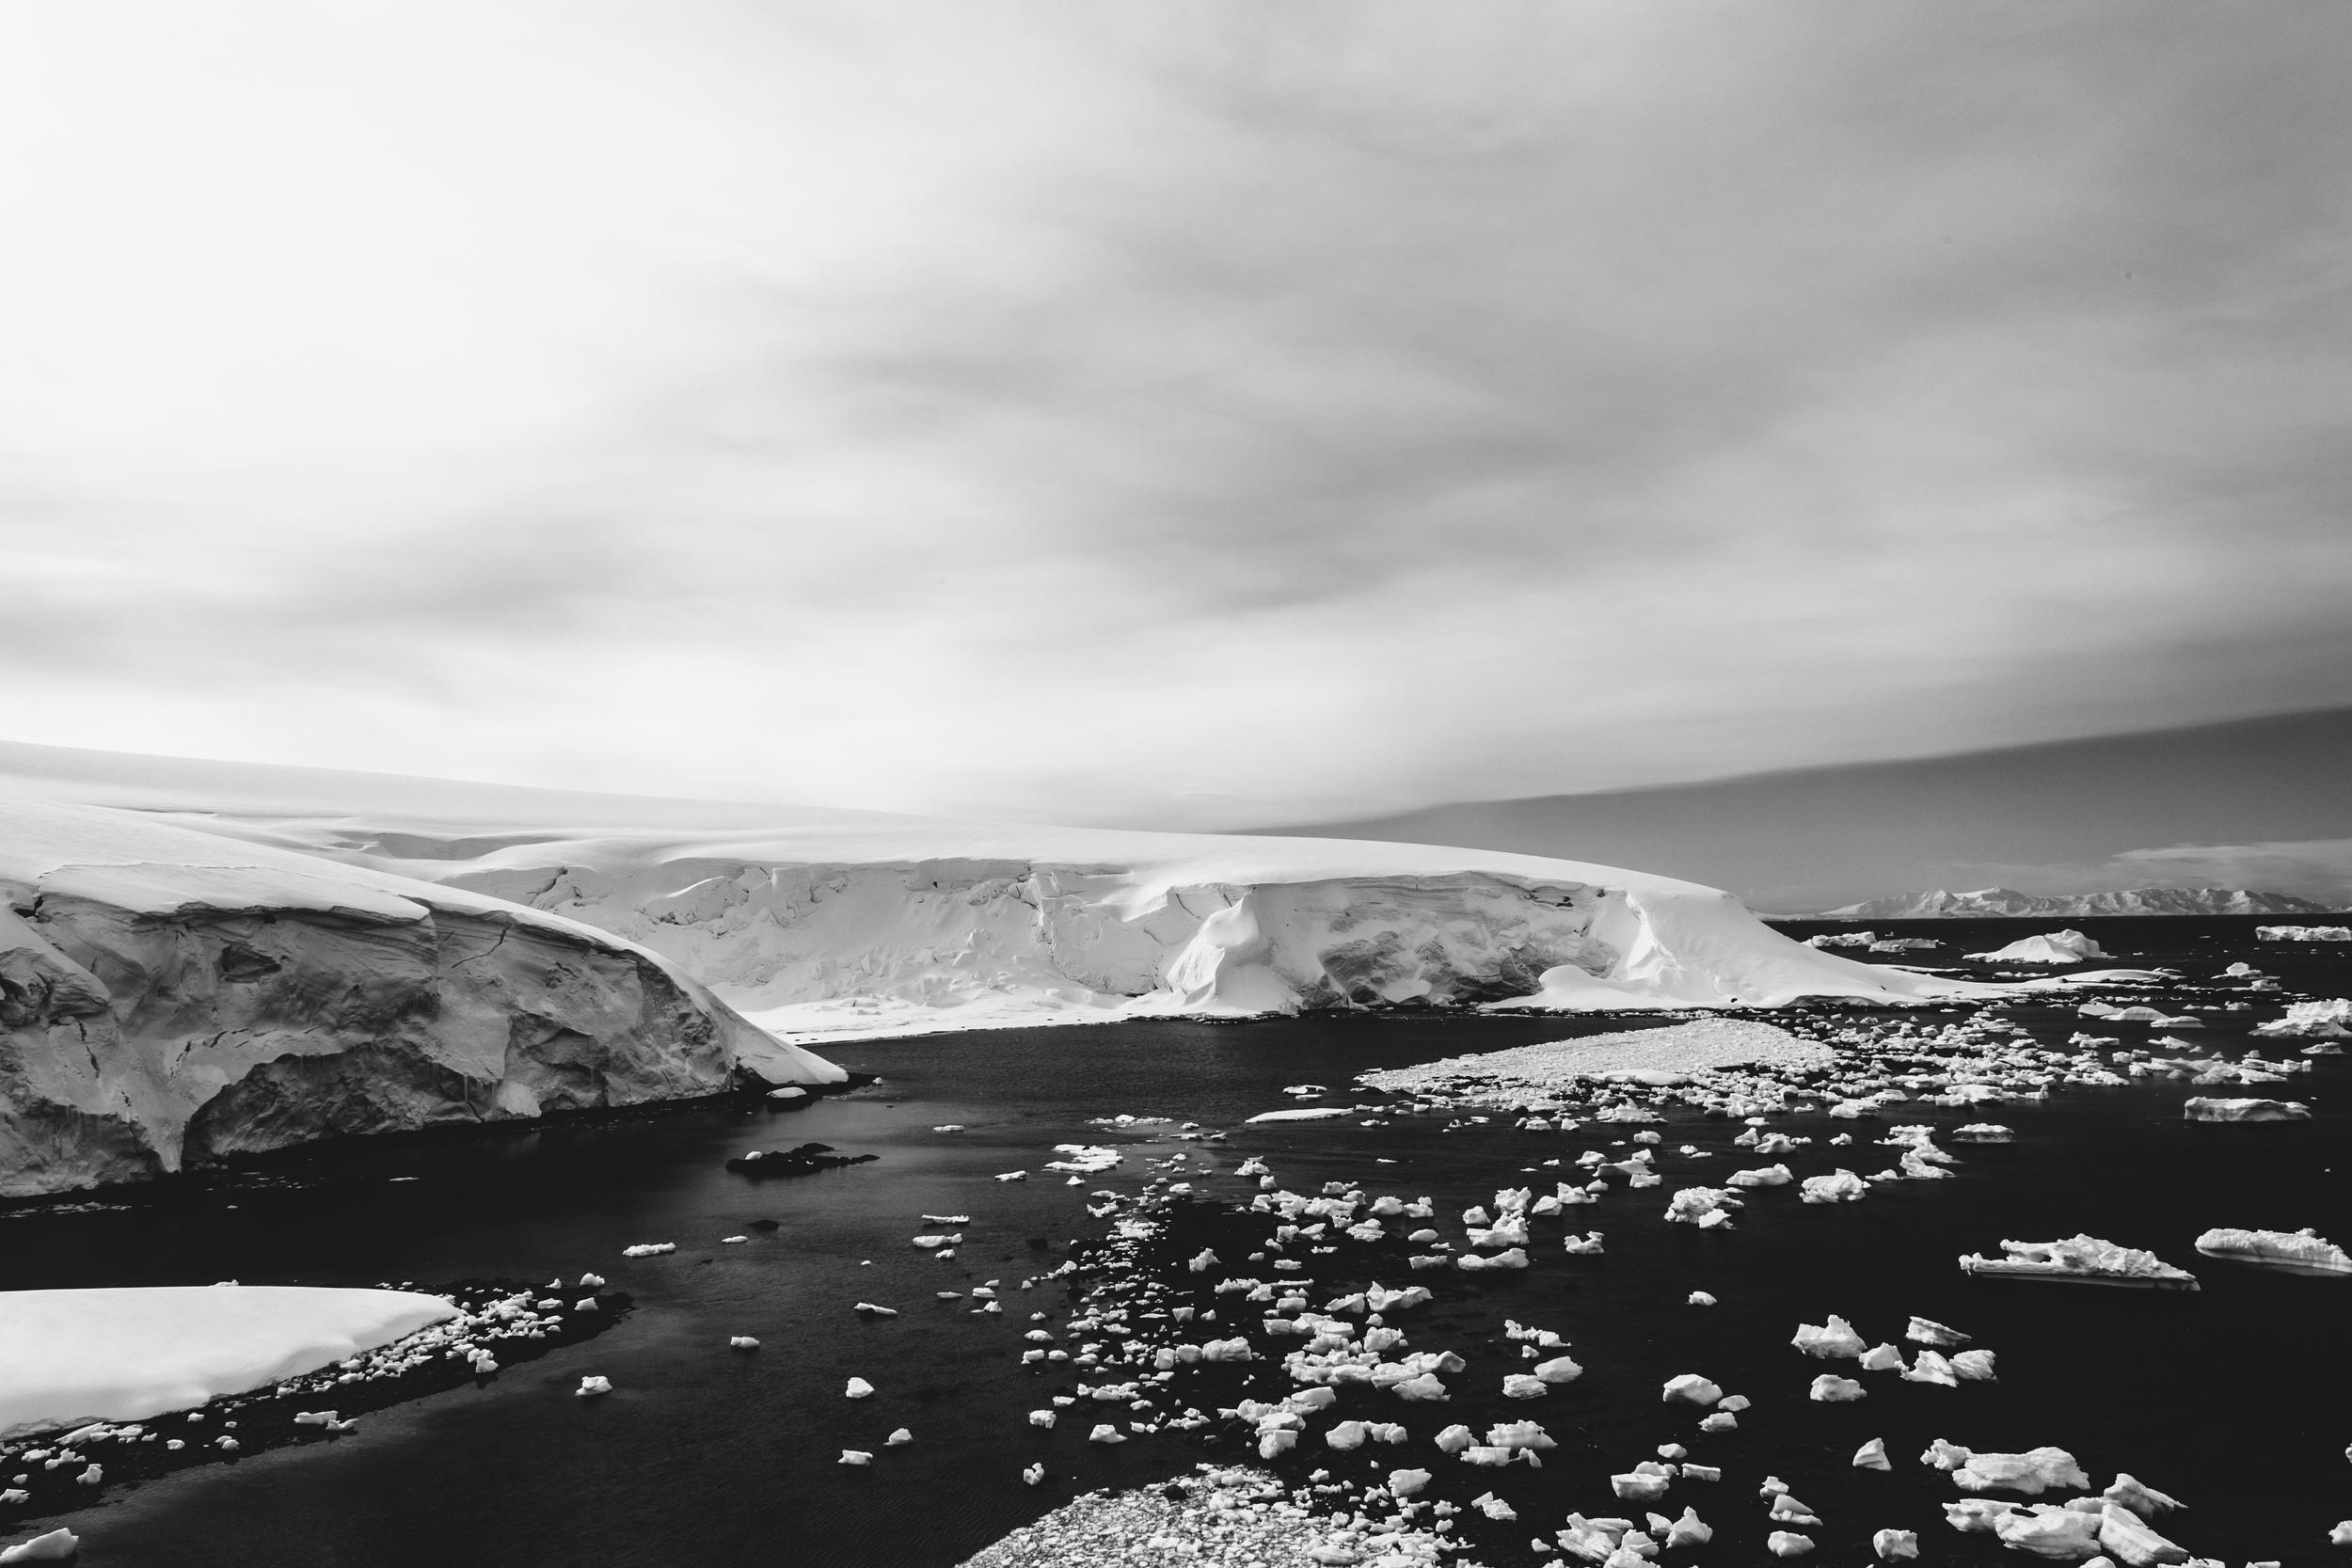 aqm-antartctica-noir-12.jpg